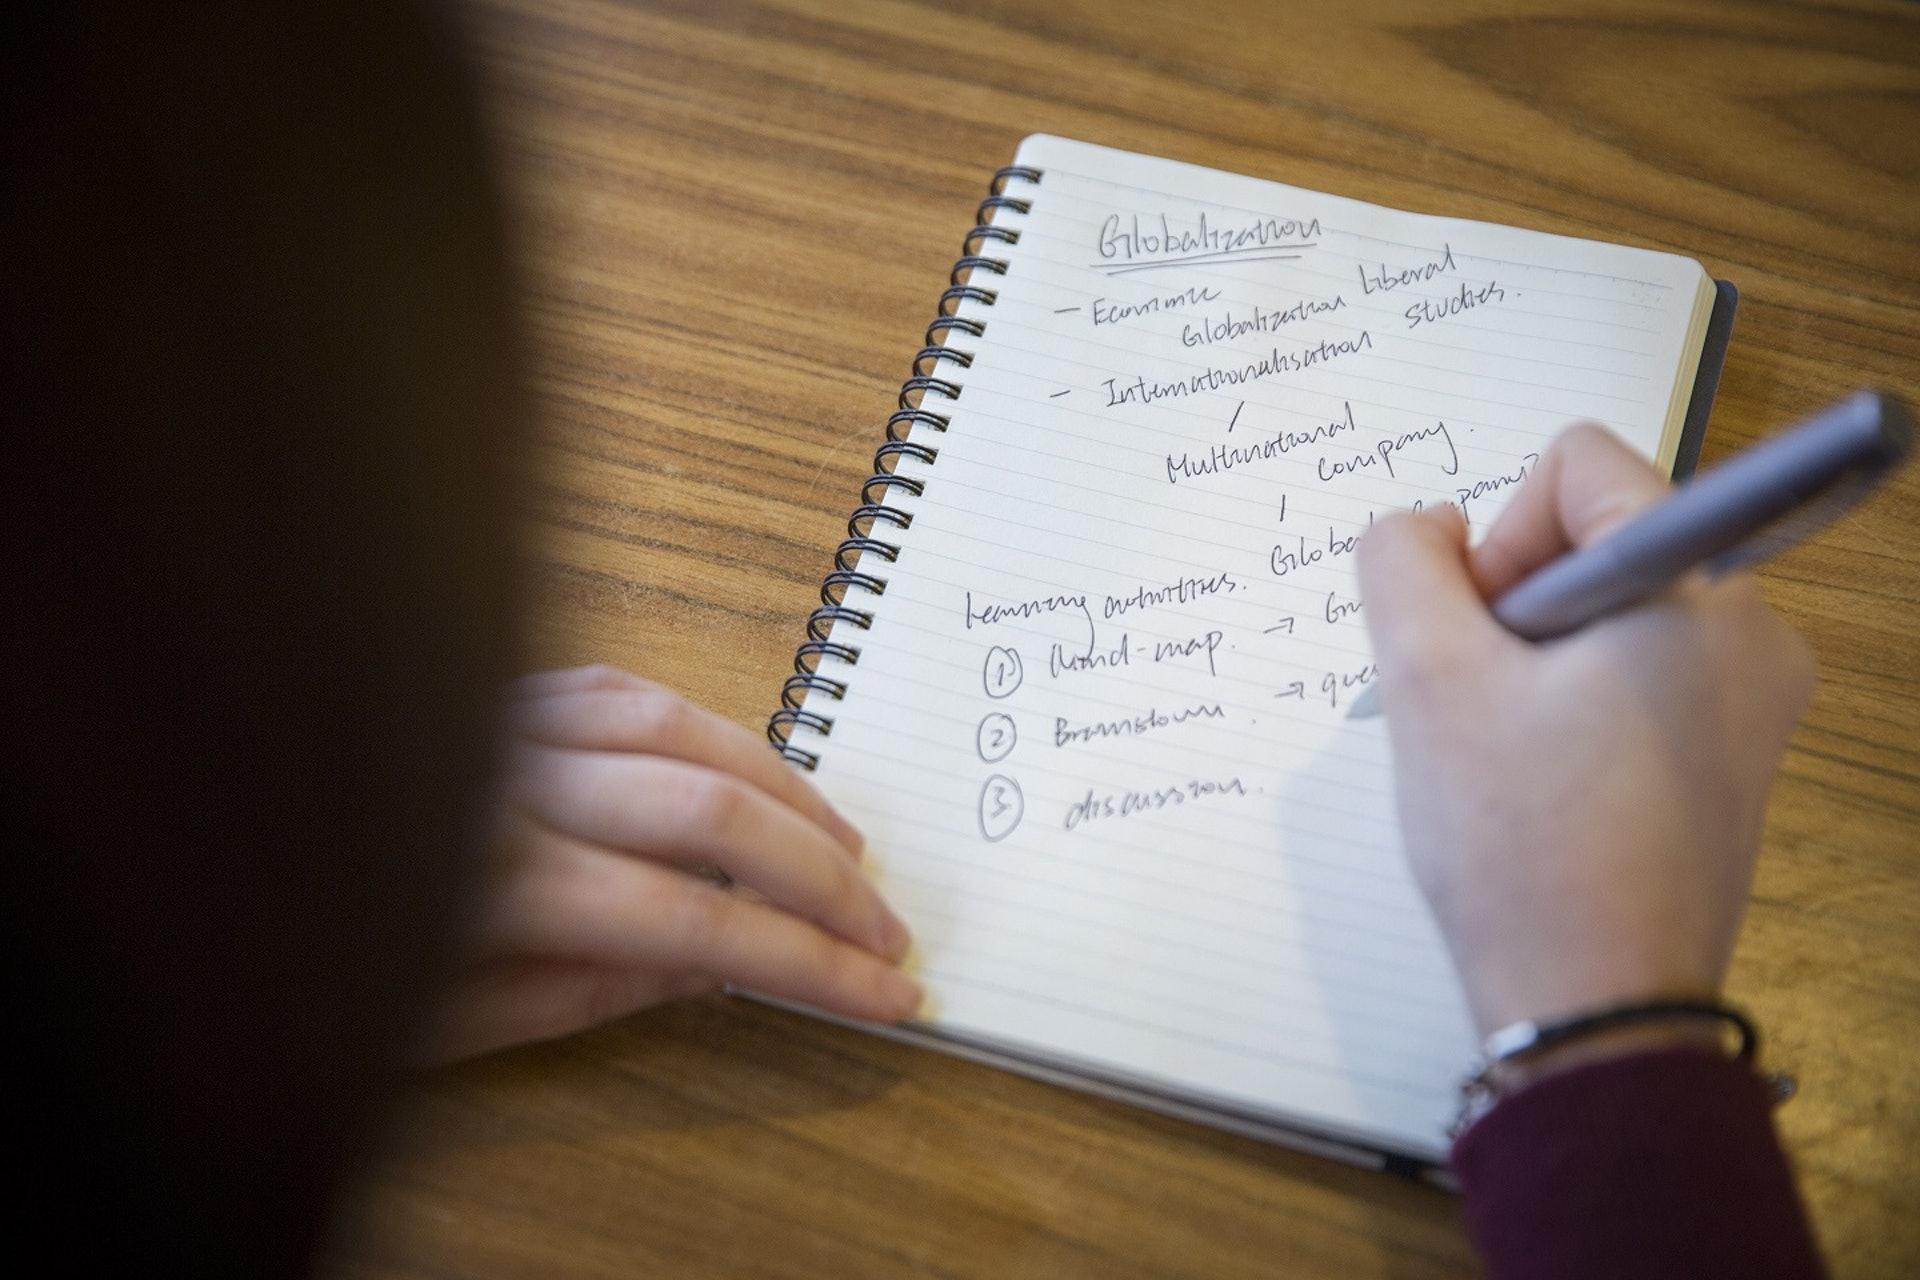 項目老師的表現透過教師評估表被量化,成為Teach4HK的社會價值,決定Arnold是否應該經營下去。來到第四年,數字漸見起色。(龔嘉盛攝)